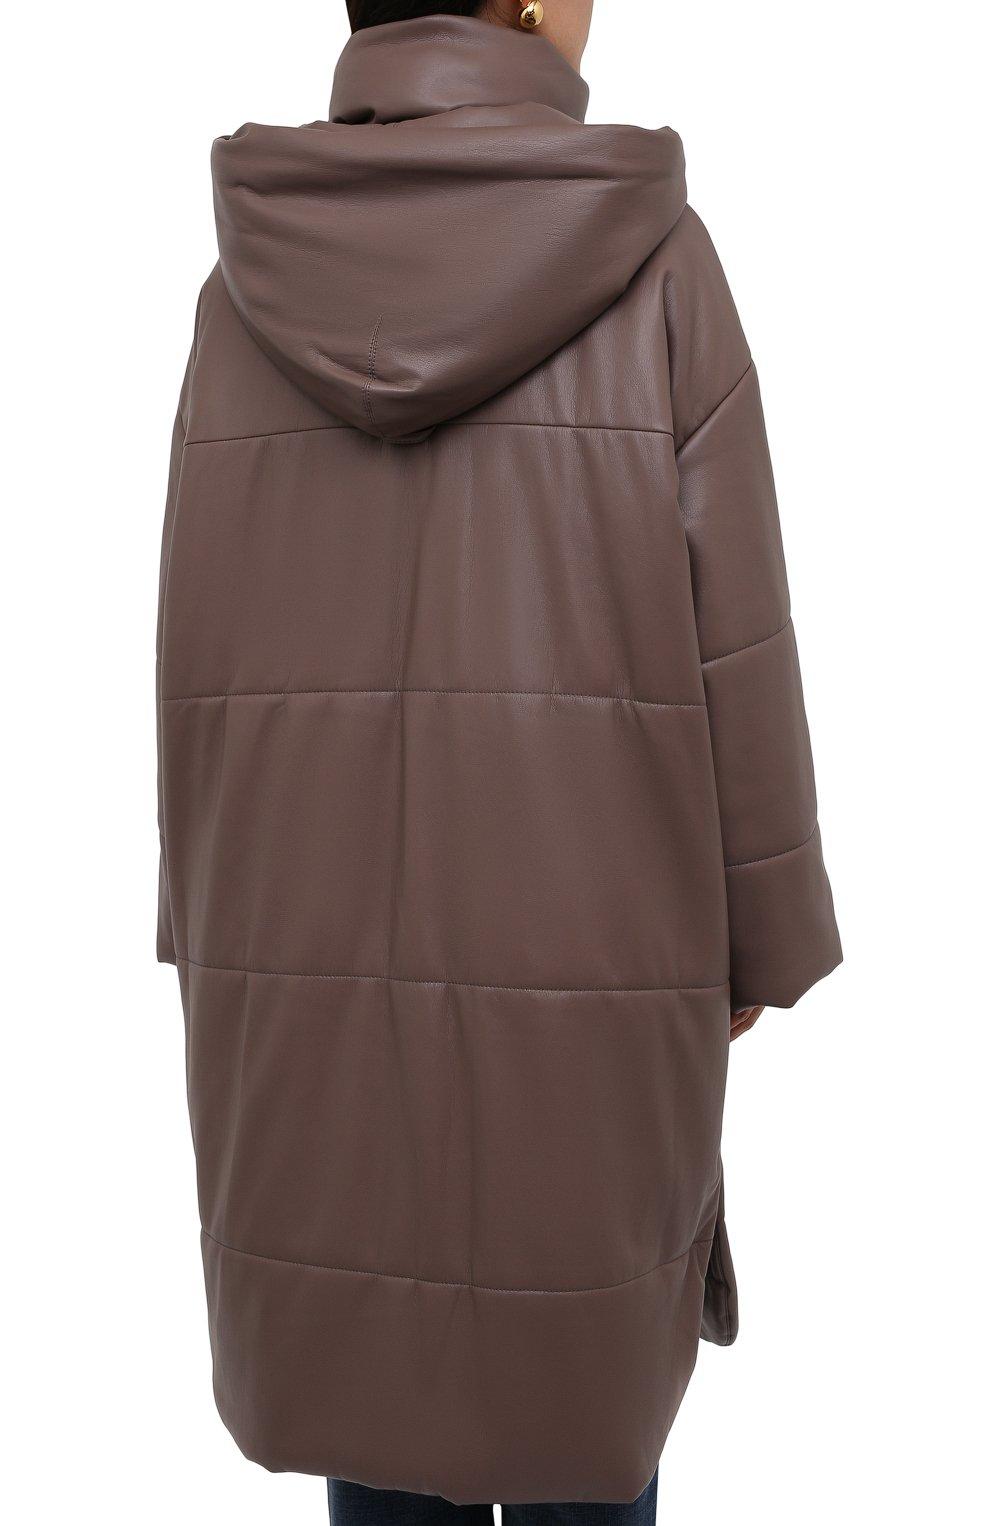 Женская утепленная куртка из экокожи NANUSHKA коричневого цвета, арт. NW21PF0W00995   Фото 4 (Кросс-КТ: Куртка; Рукава: Длинные; Стили: Гламурный; Длина (верхняя одежда): До колена; Материал внешний: Синтетический материал; Материал подклада: Вискоза)